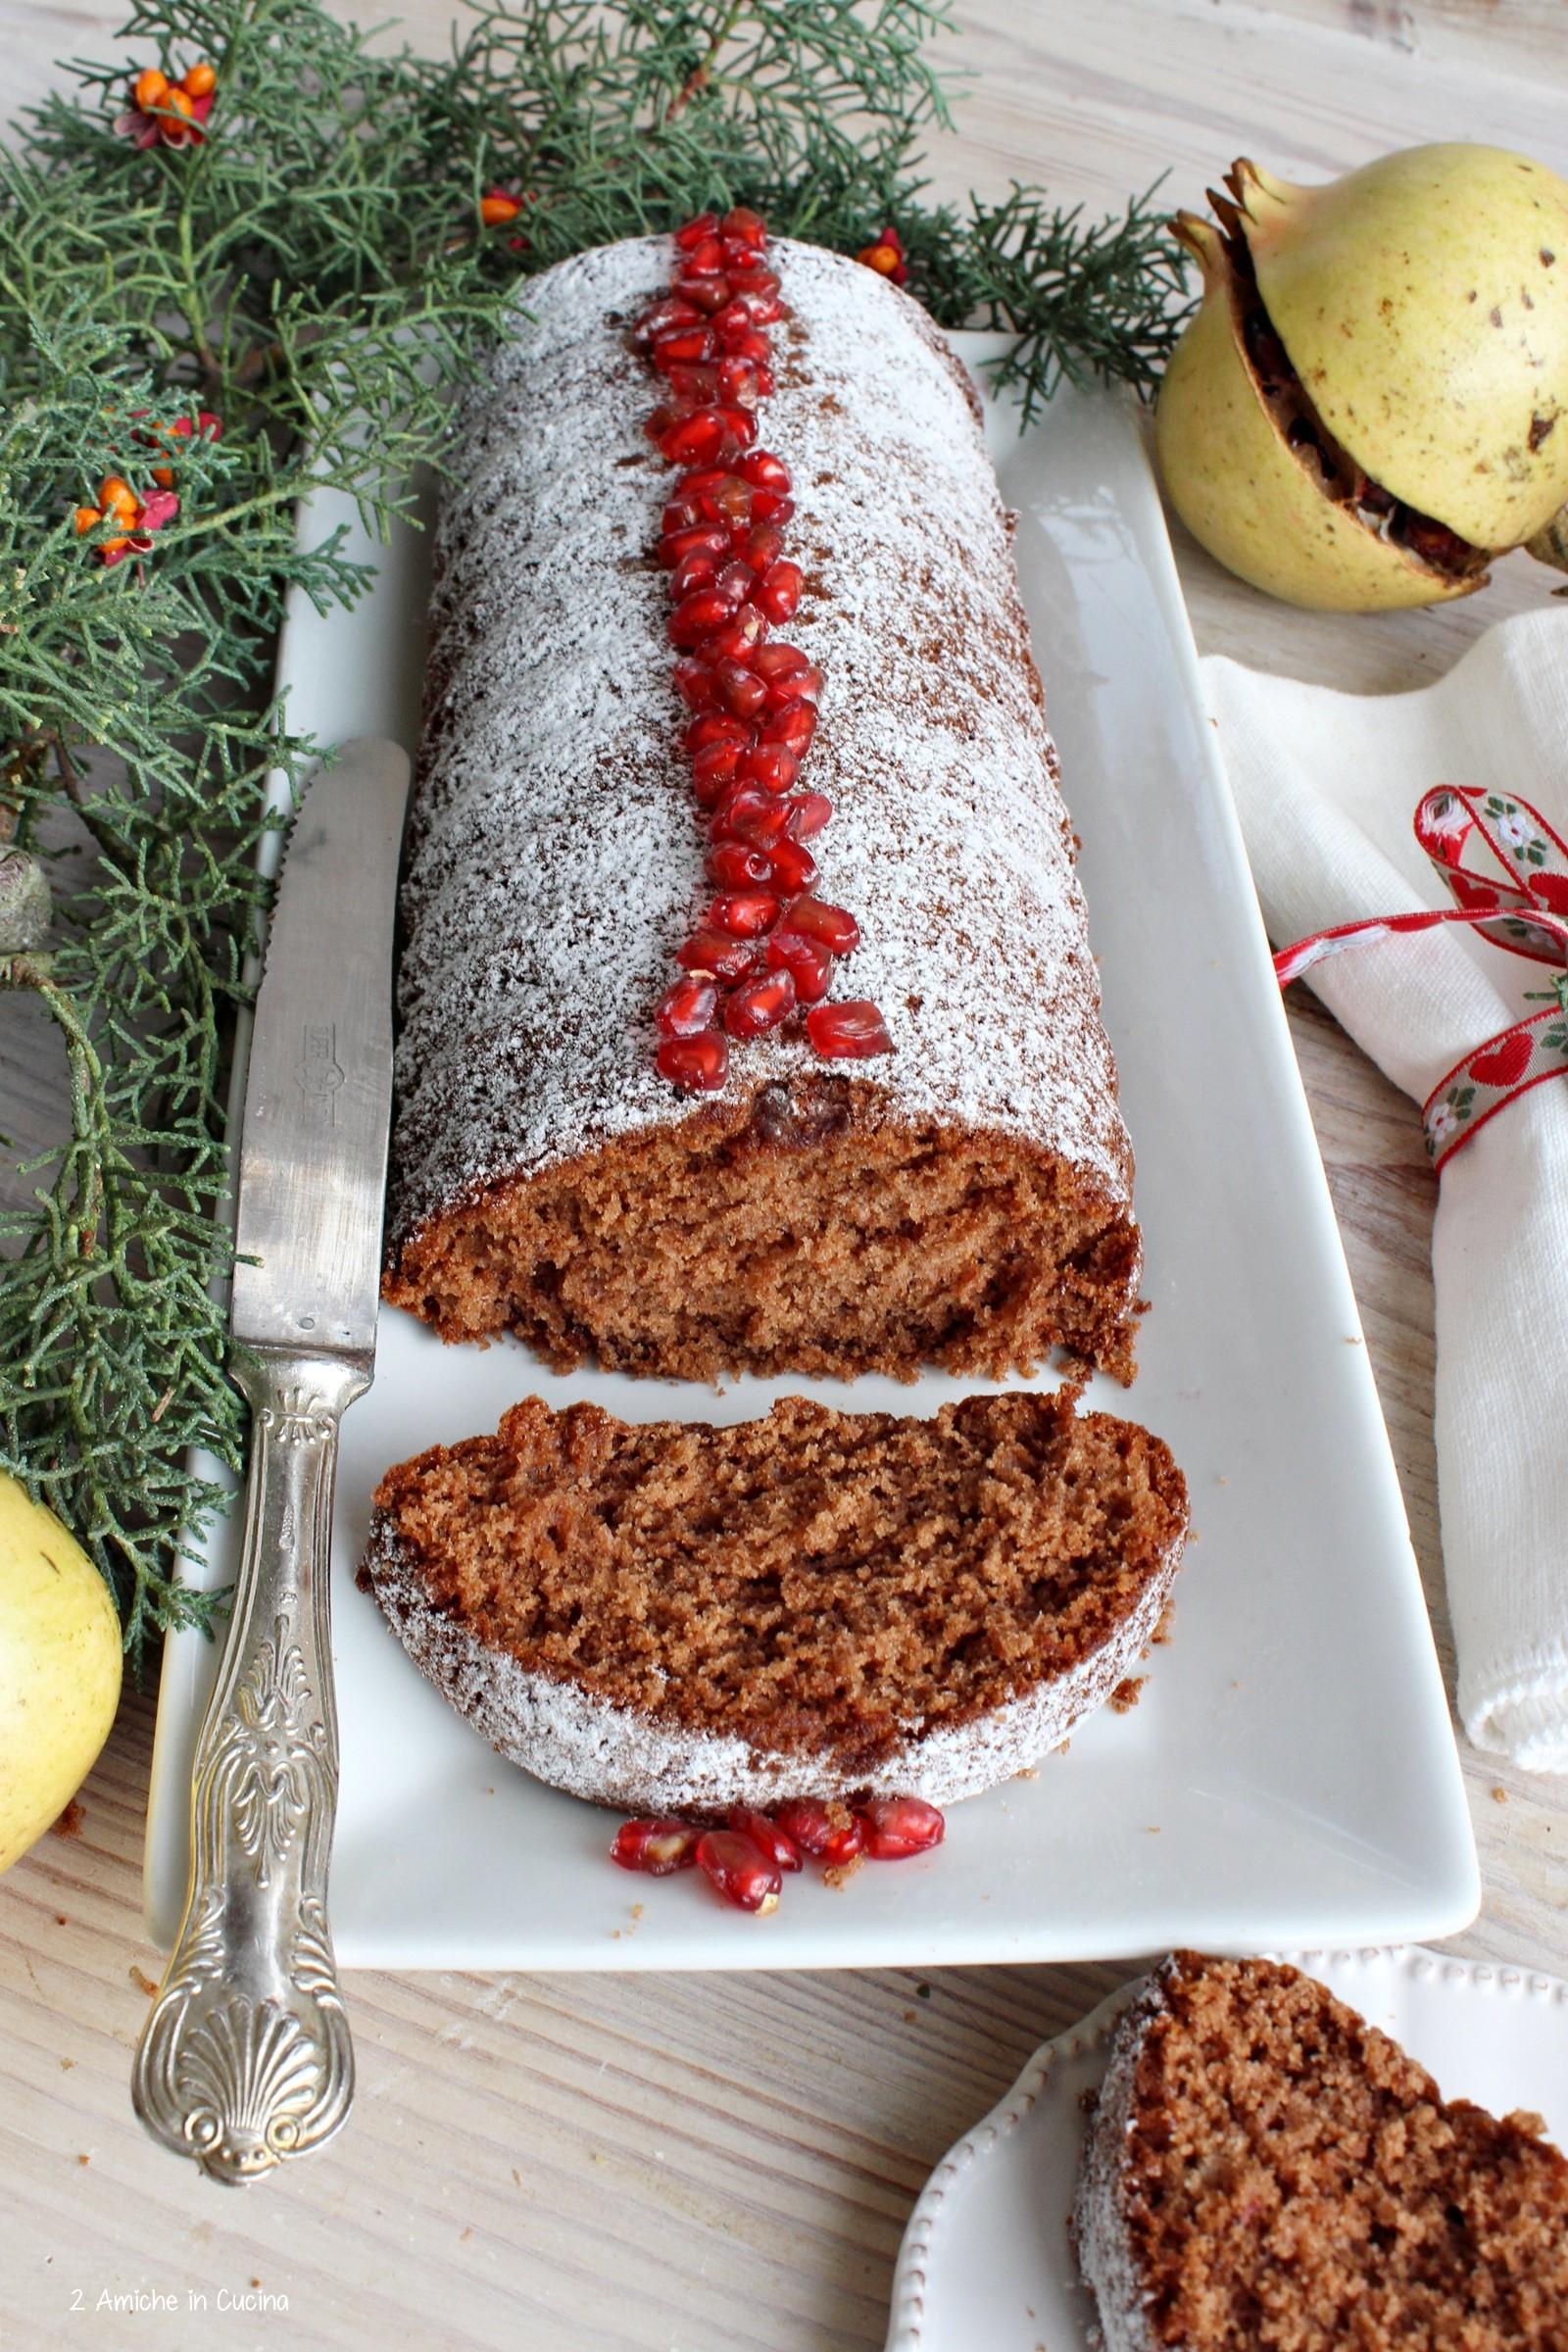 plumcake-al-cioccolato-melagrana-e-zenzero-3